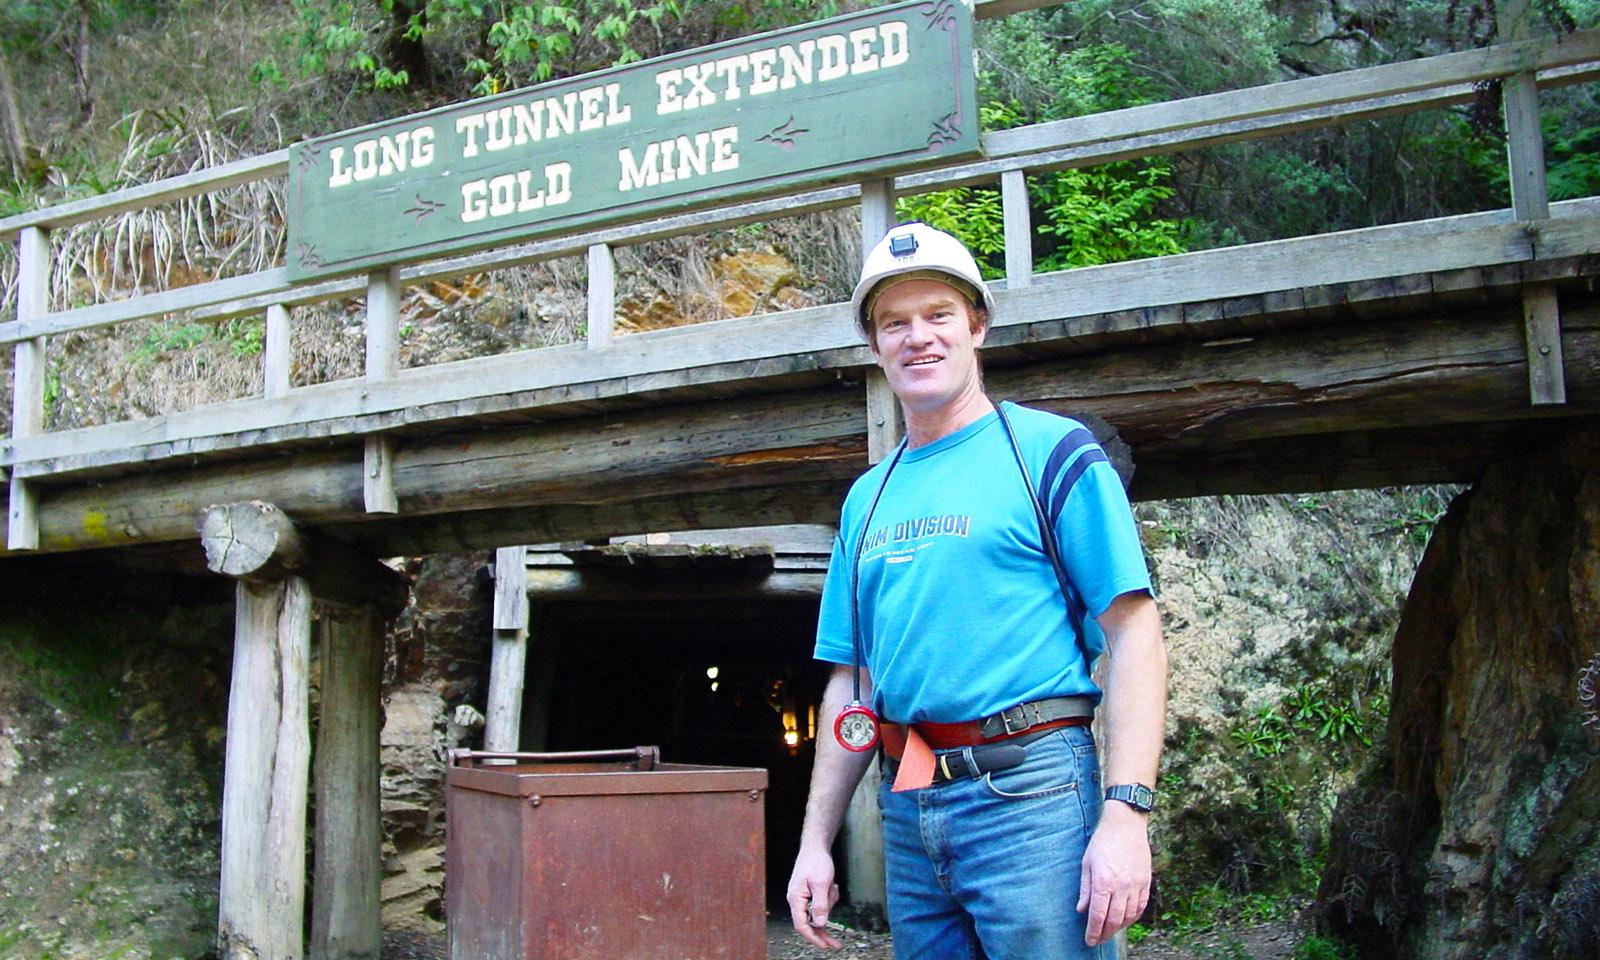 Guide Gary vor der Long Tunnel Extended Gold Mine von Walhalla. Foto: Hilke Maunder